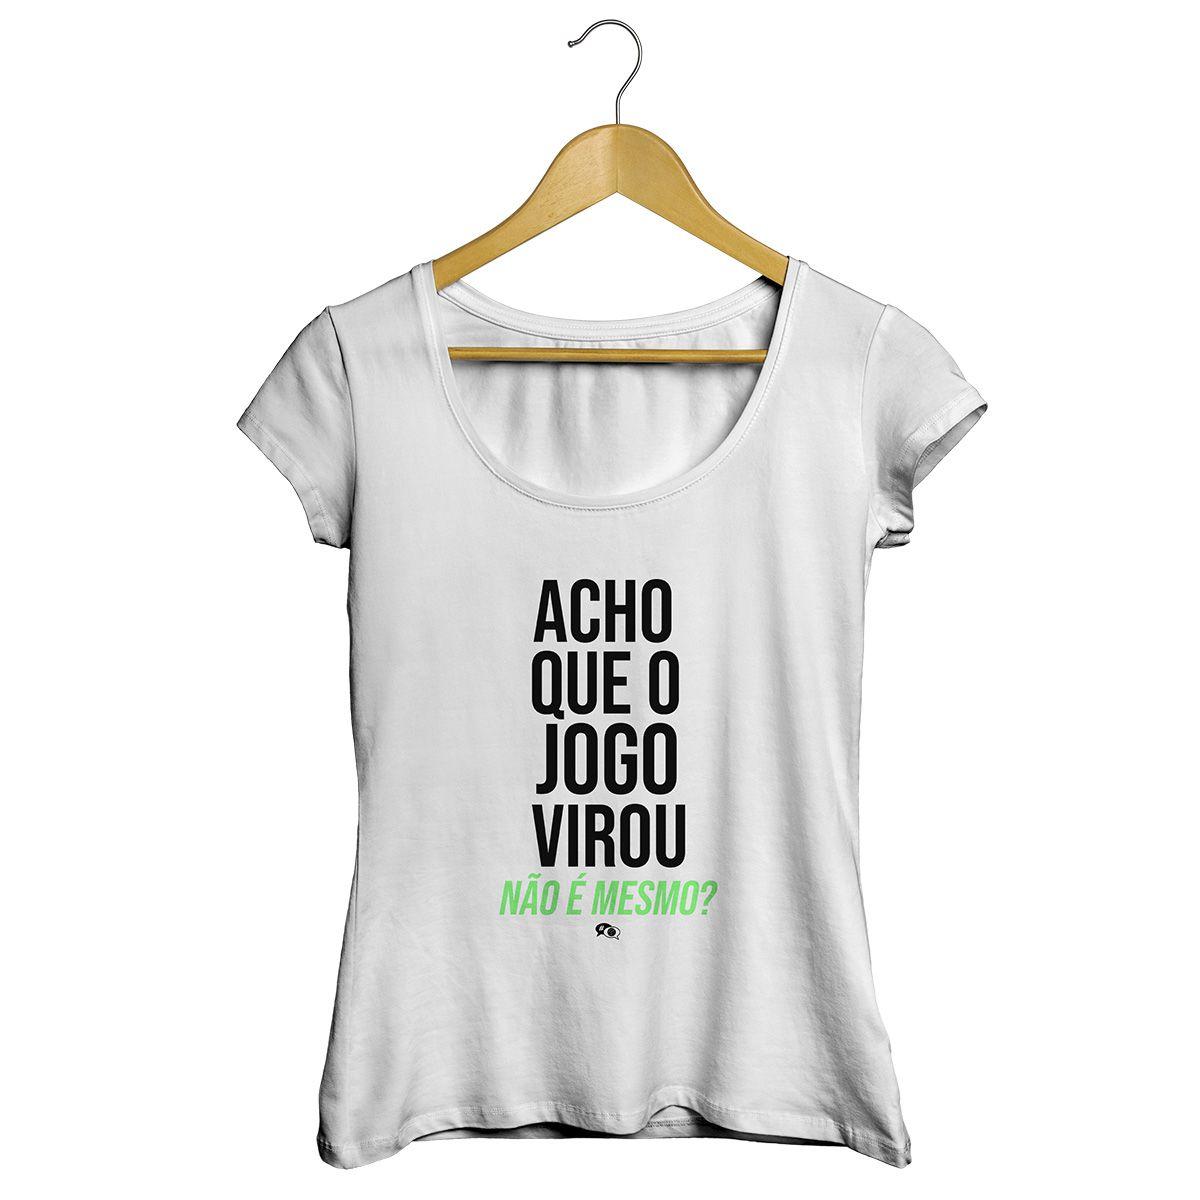 Camiseta - ACHO QUE O JOGO VIROU. Feminino